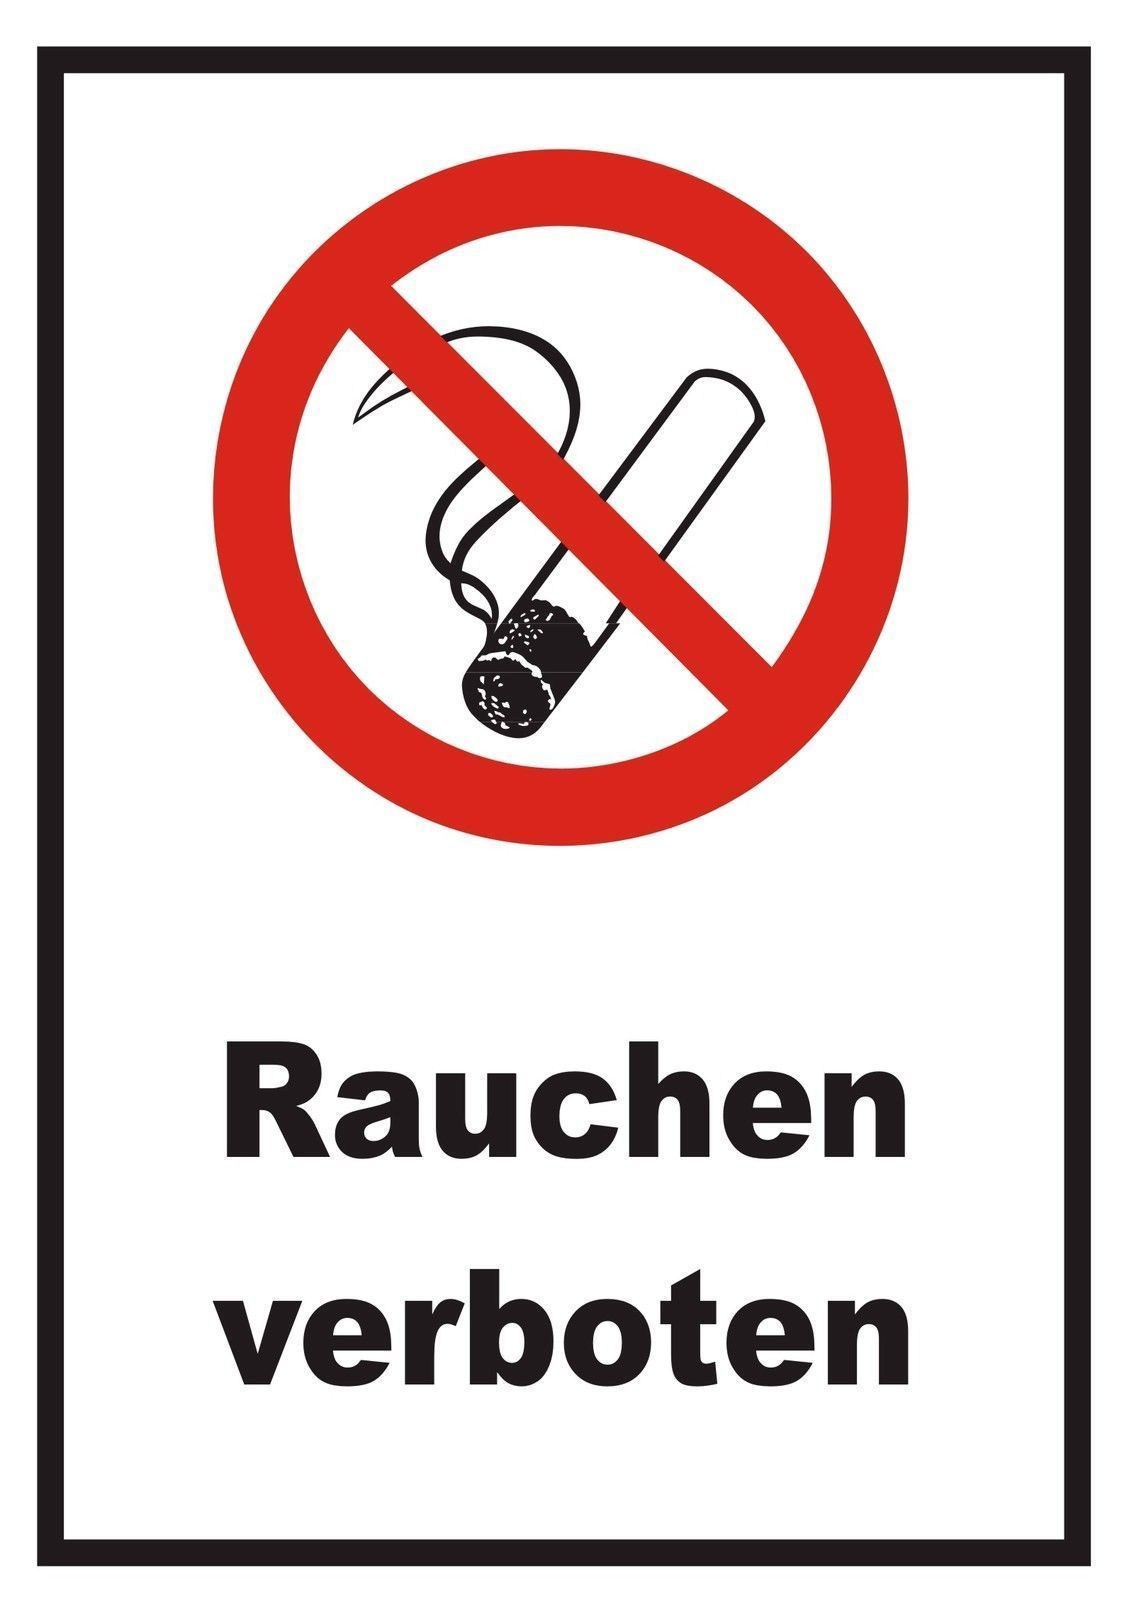 rauchen verboten ein schild sagt mehr als tausend worte raucherkneipen ausgenommen druck